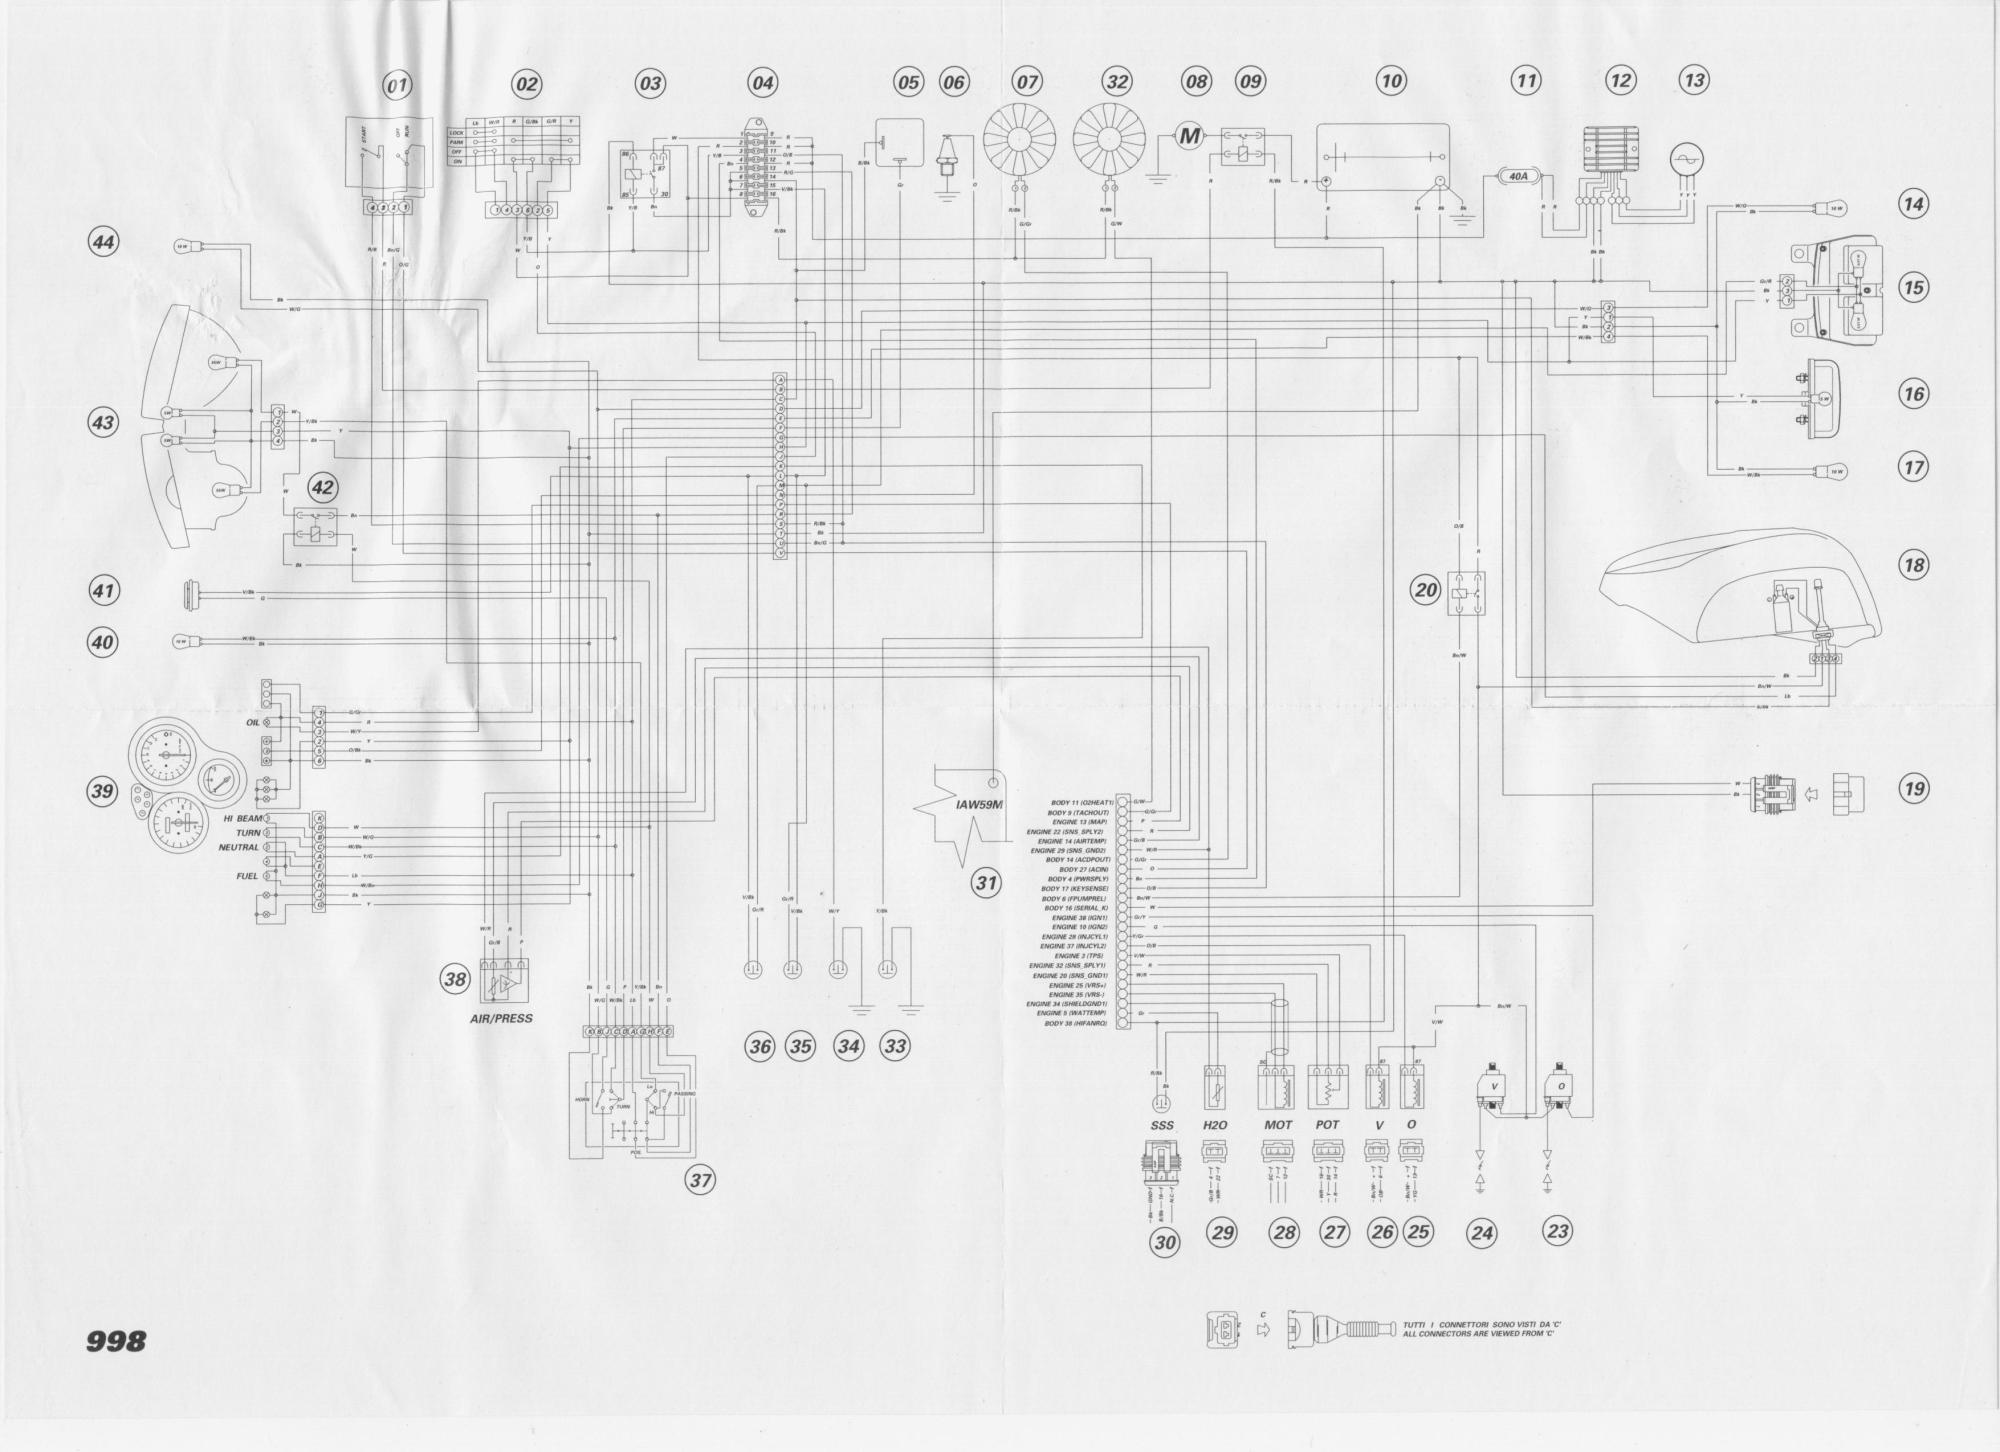 hight resolution of ducati 998 diagrama electrico a color aporte verucci wiring diagram ducati f1 wiring diagram